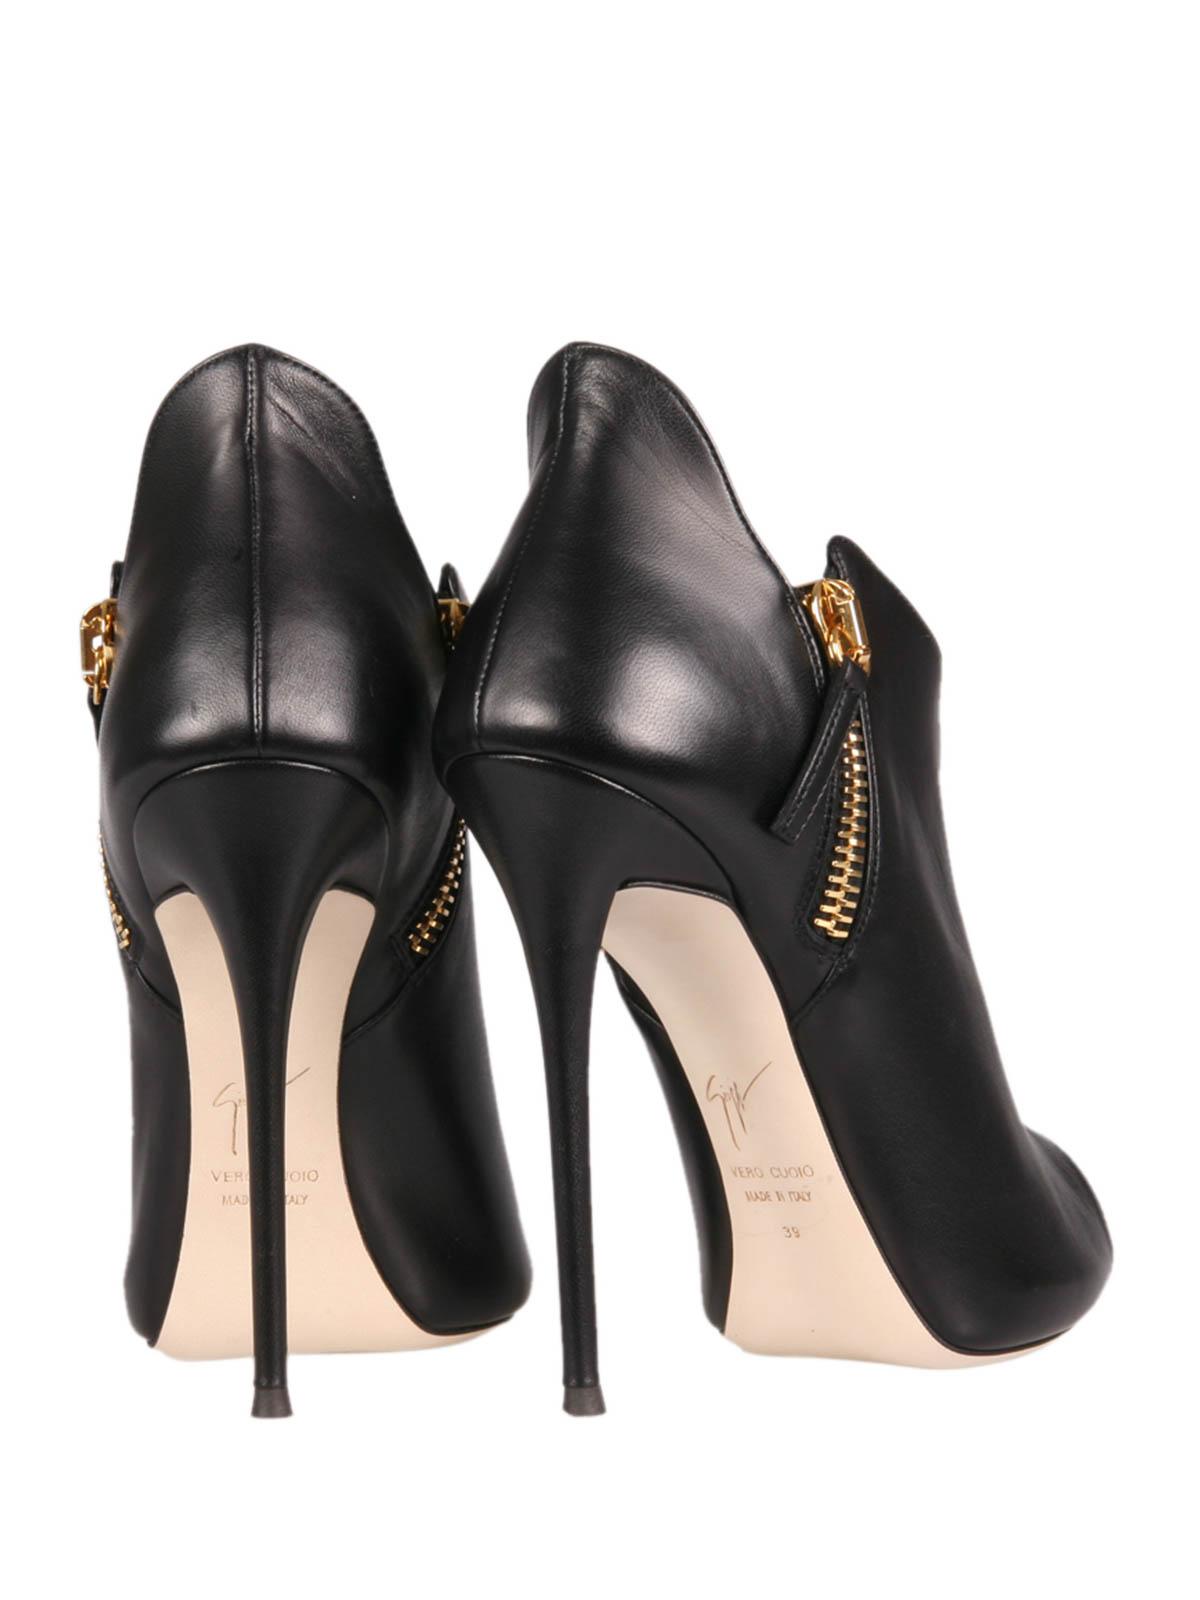 Malika peep toe ankle boots